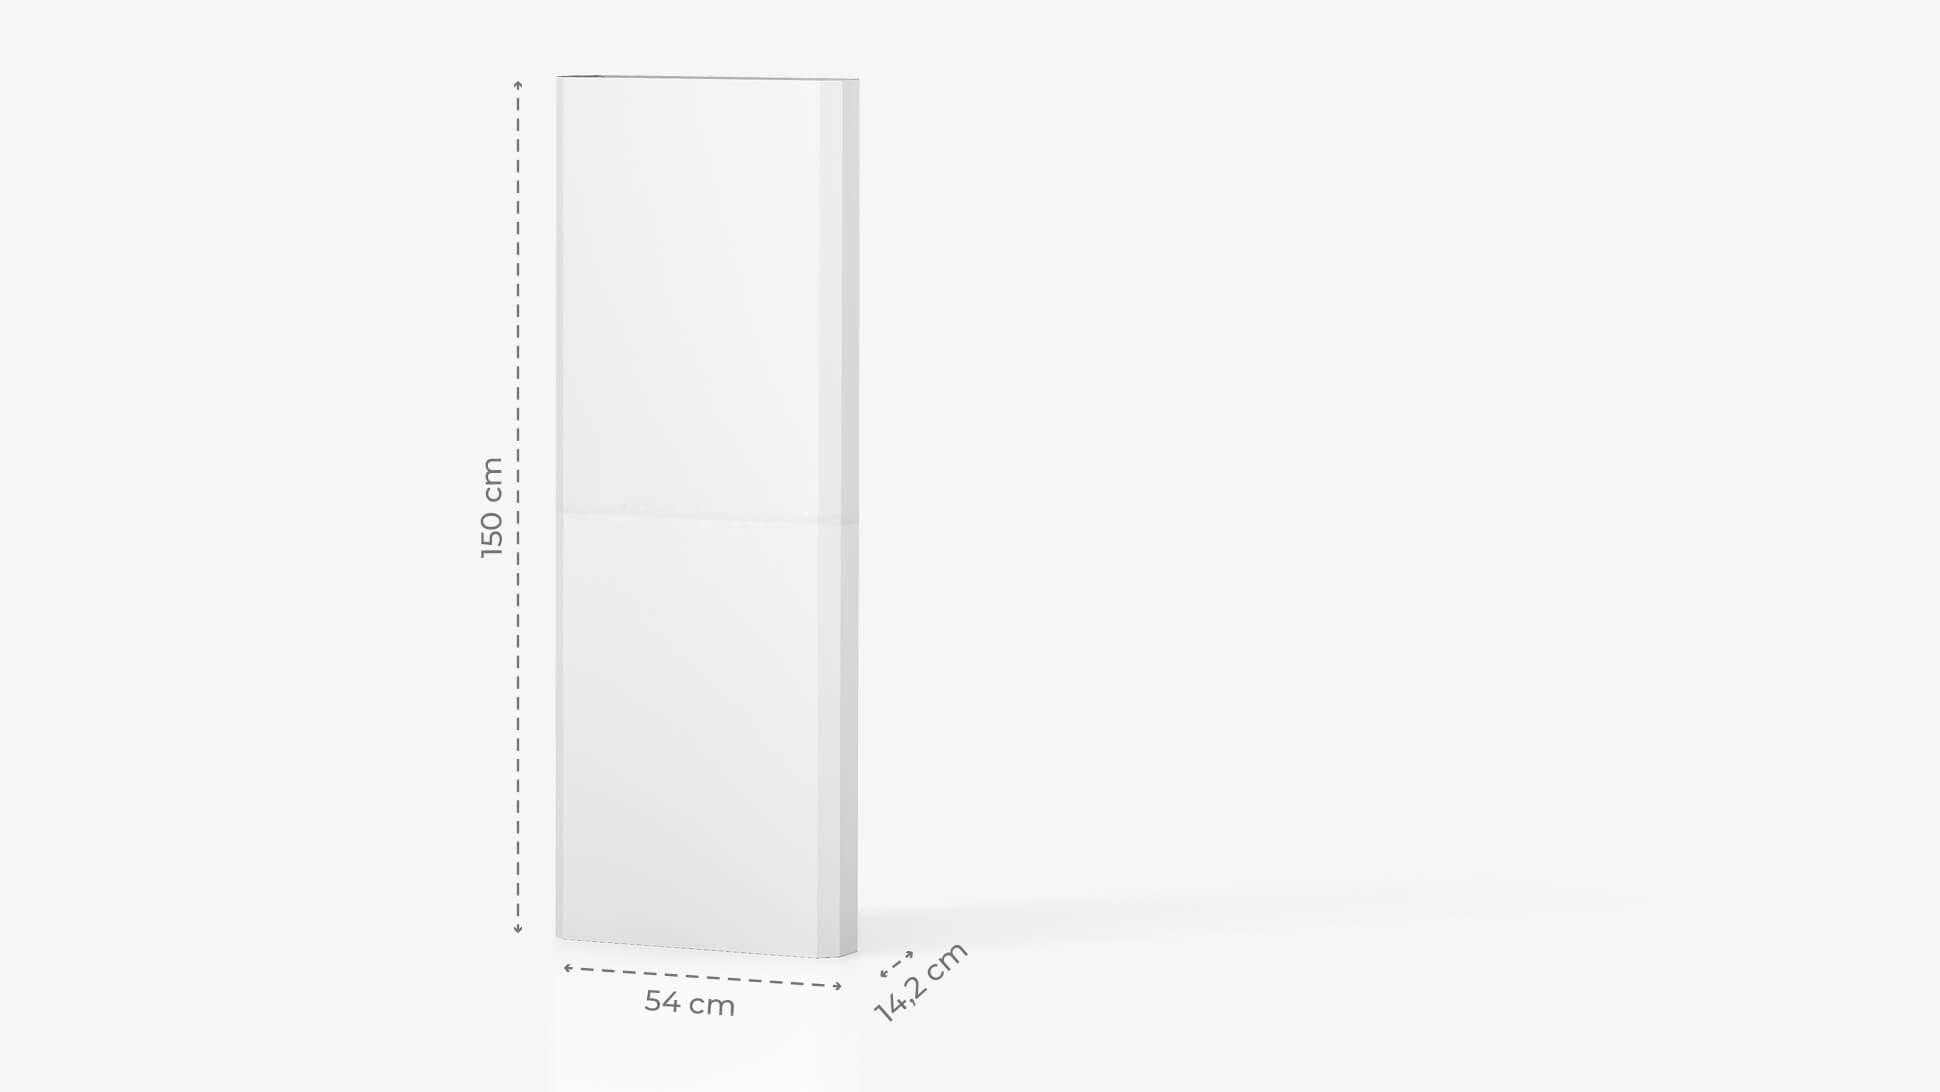 Antitaccheggio h150 cm personalizzabile | tictac.it